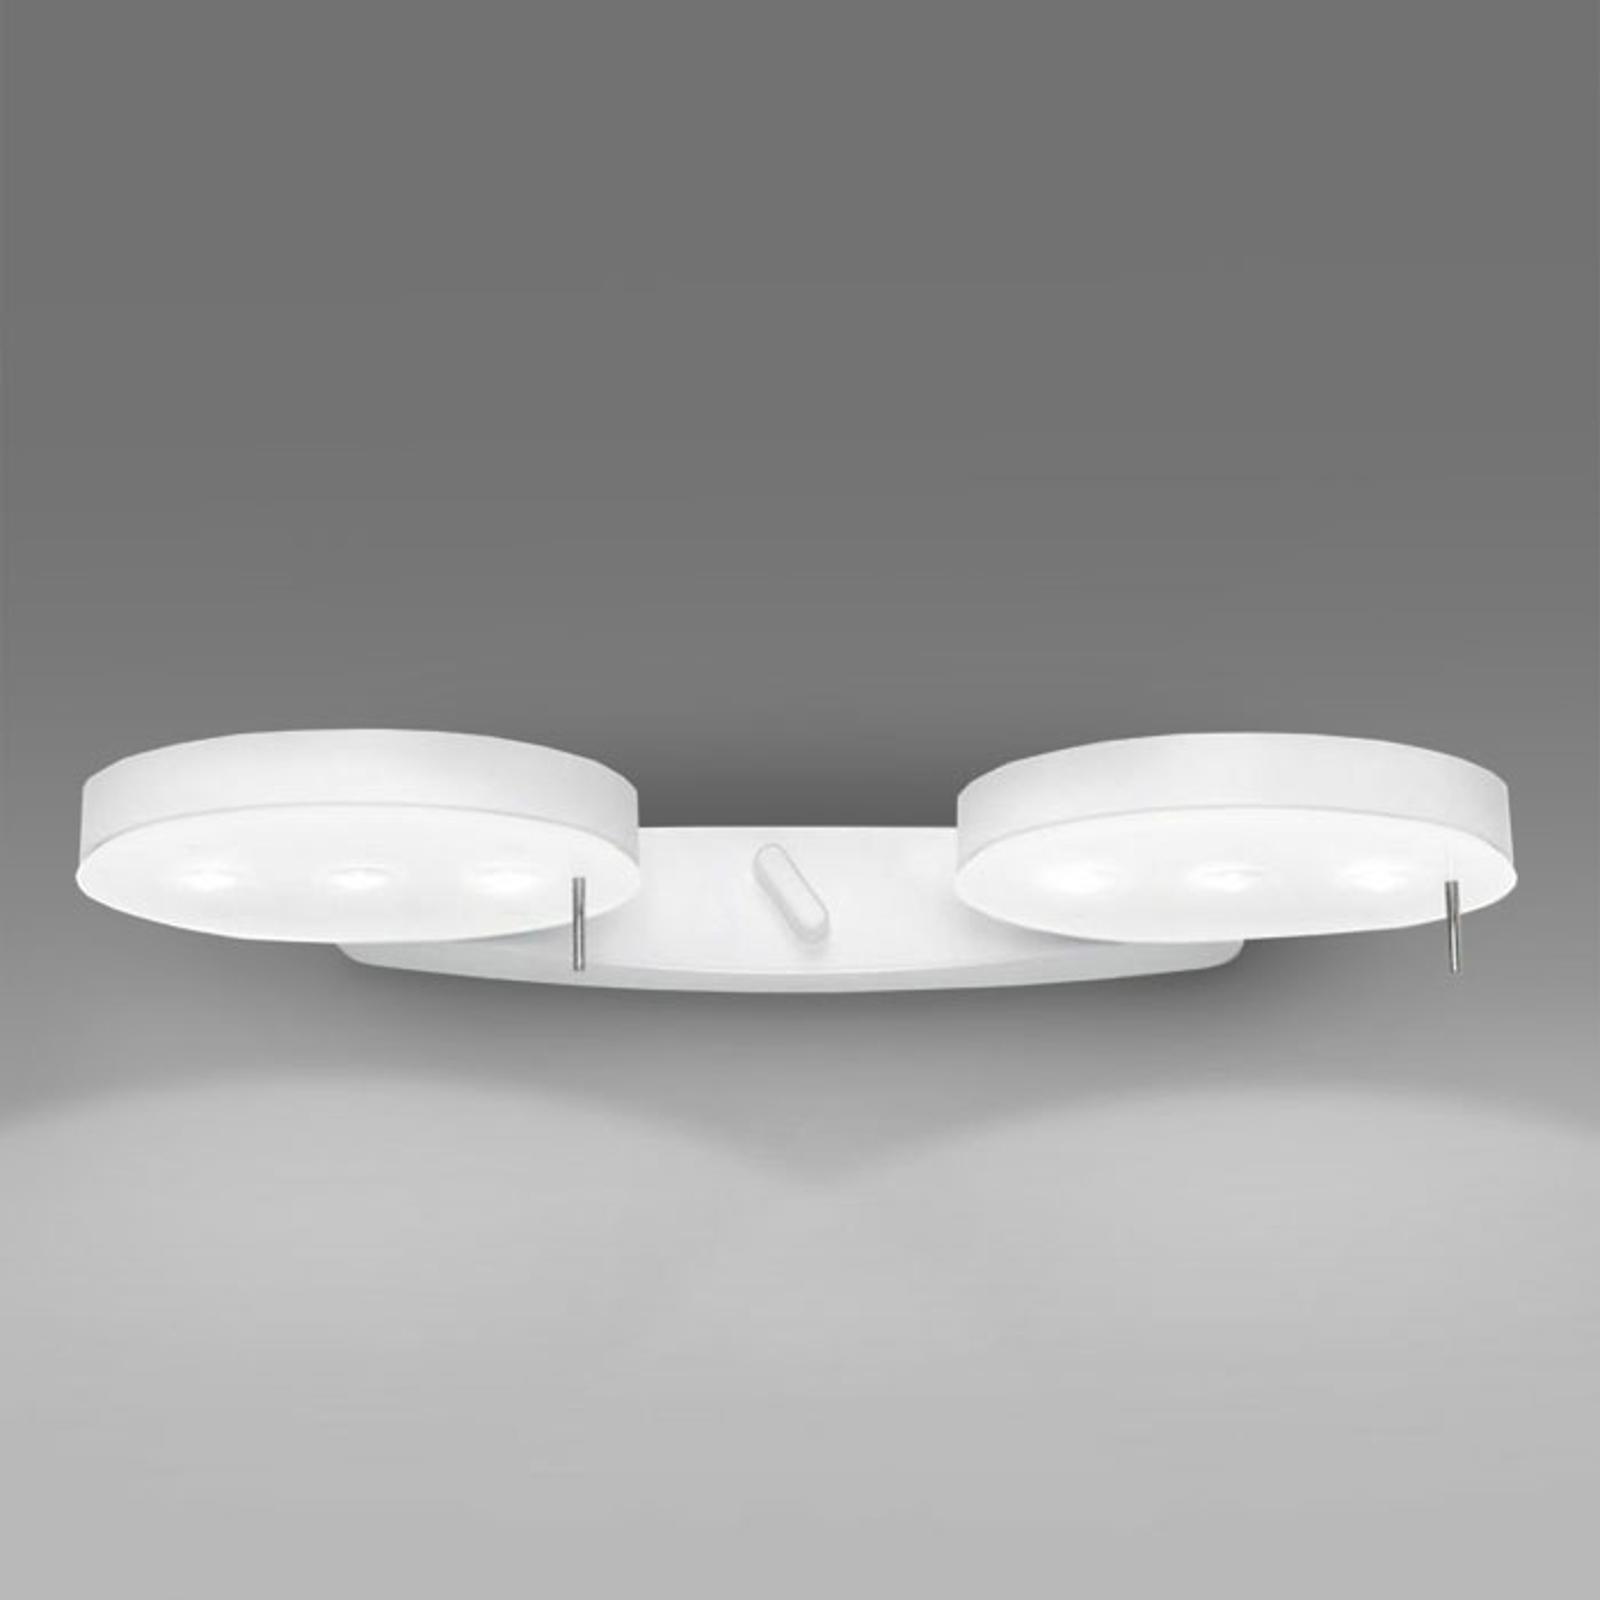 Valkoinen seinävalaisin 3-LED, 2 lamppua